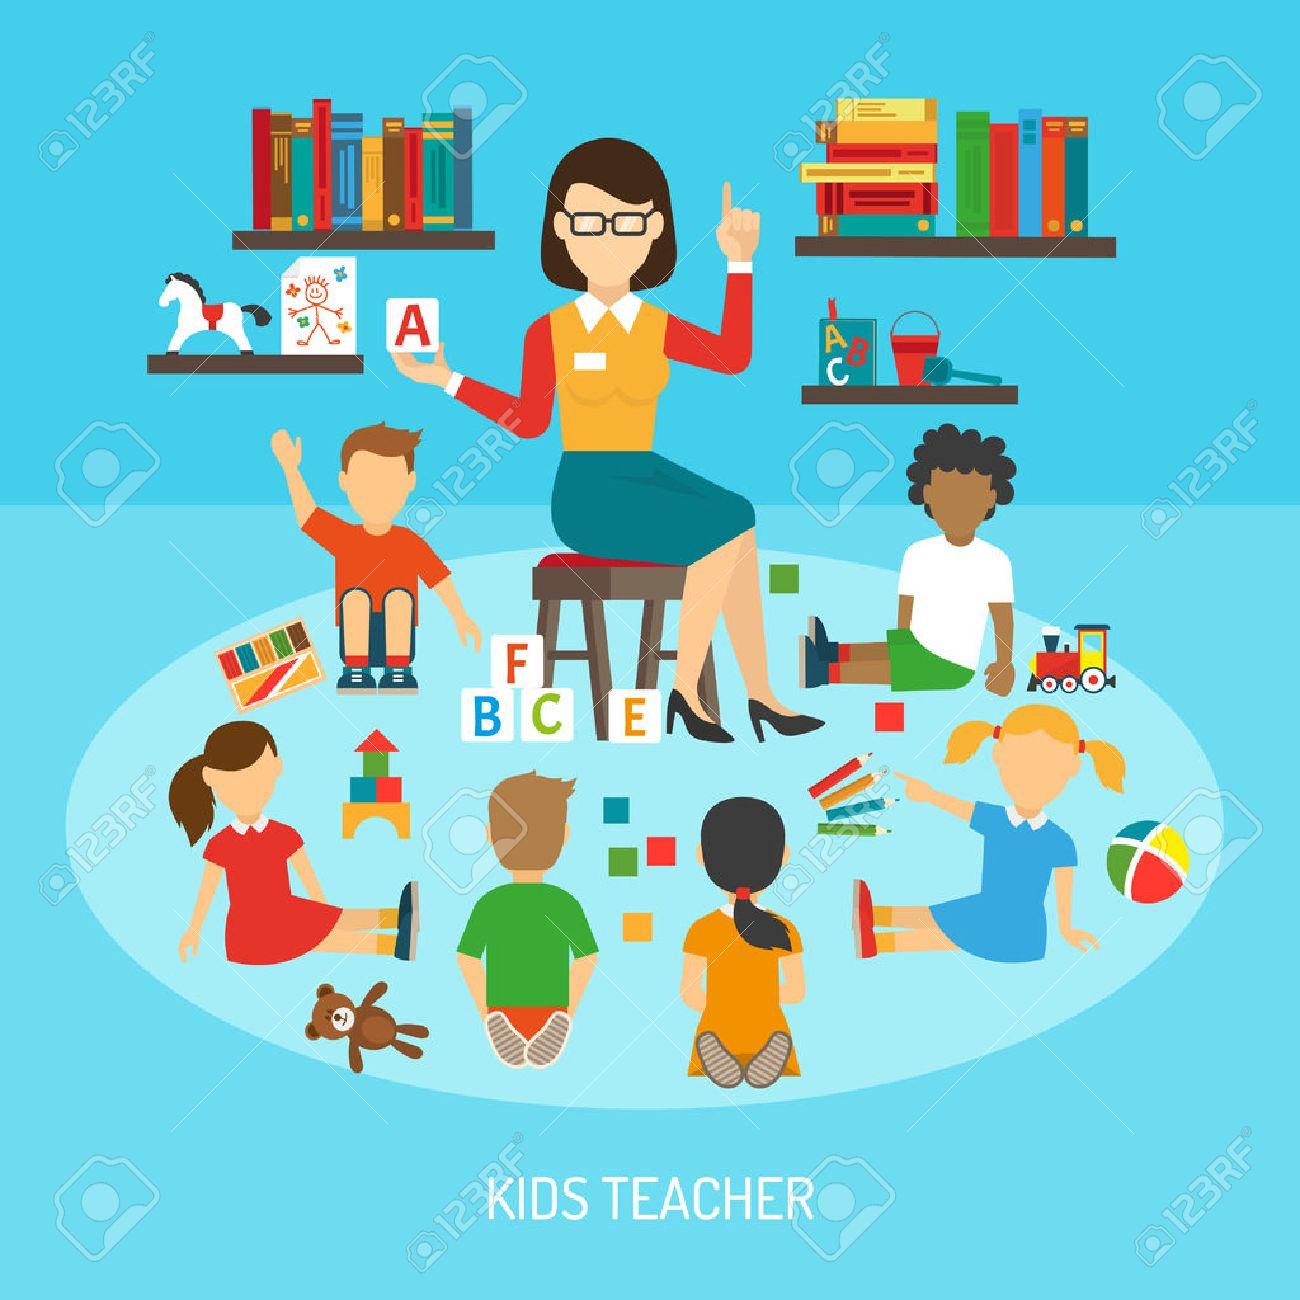 teacher cartel de jardn de infancia del profesor de los nios en sala de